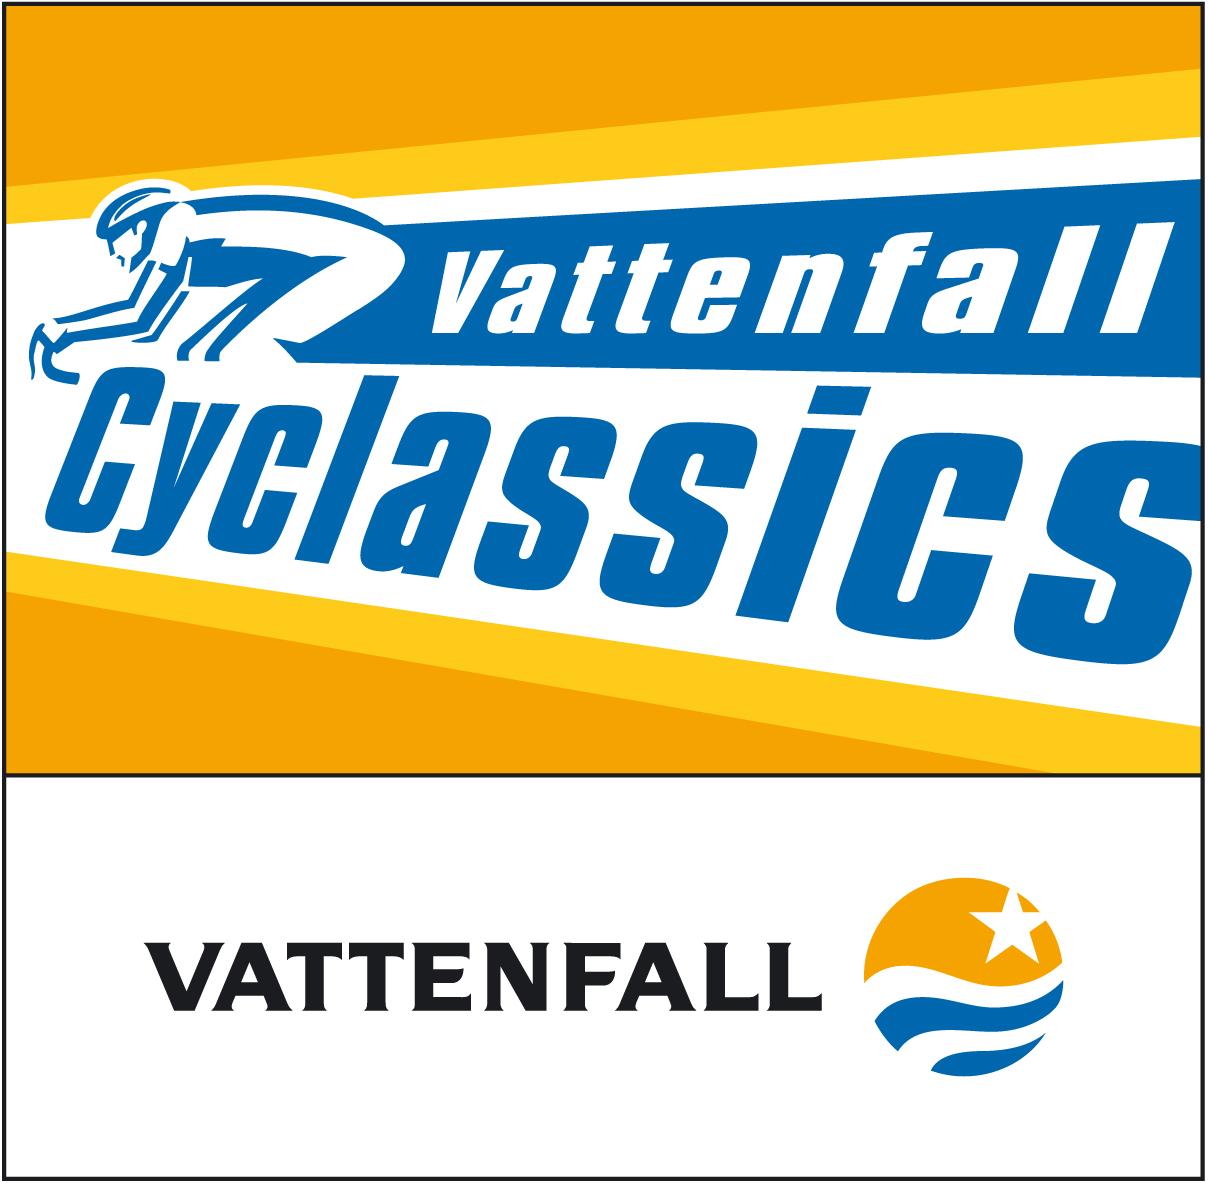 Vattenfall Cyclassic